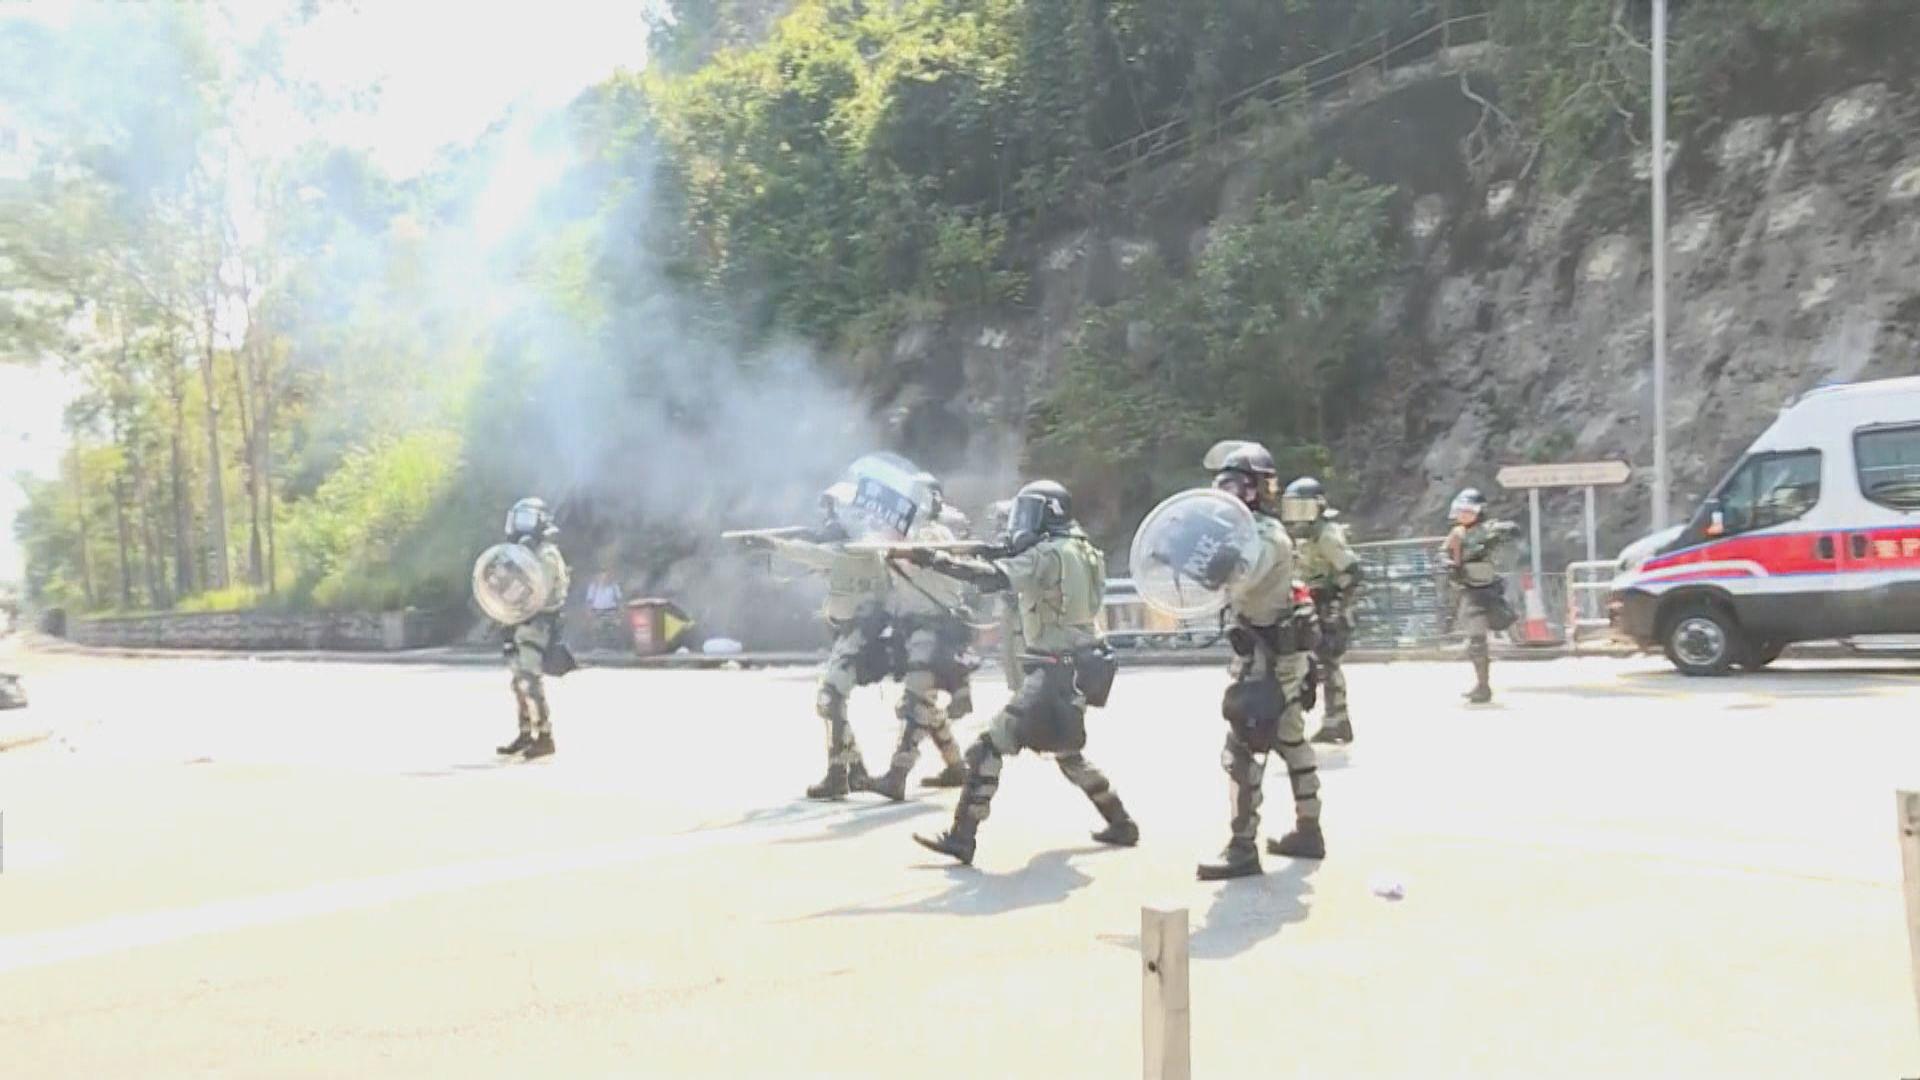 警開多發防暴槍 示威者投擲汽油彈還擊